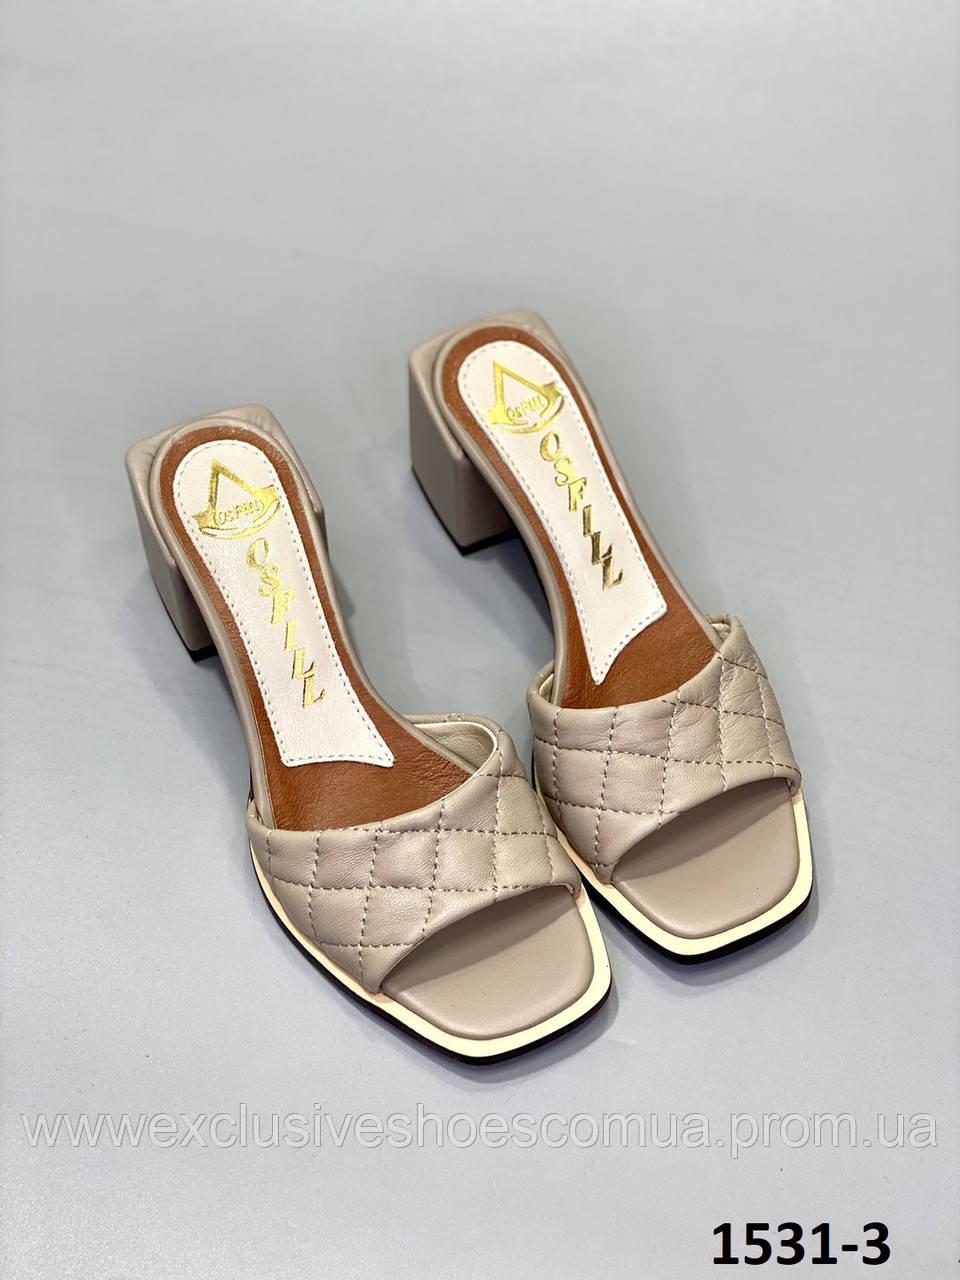 Сабо женские кожаные капучино на каблуке